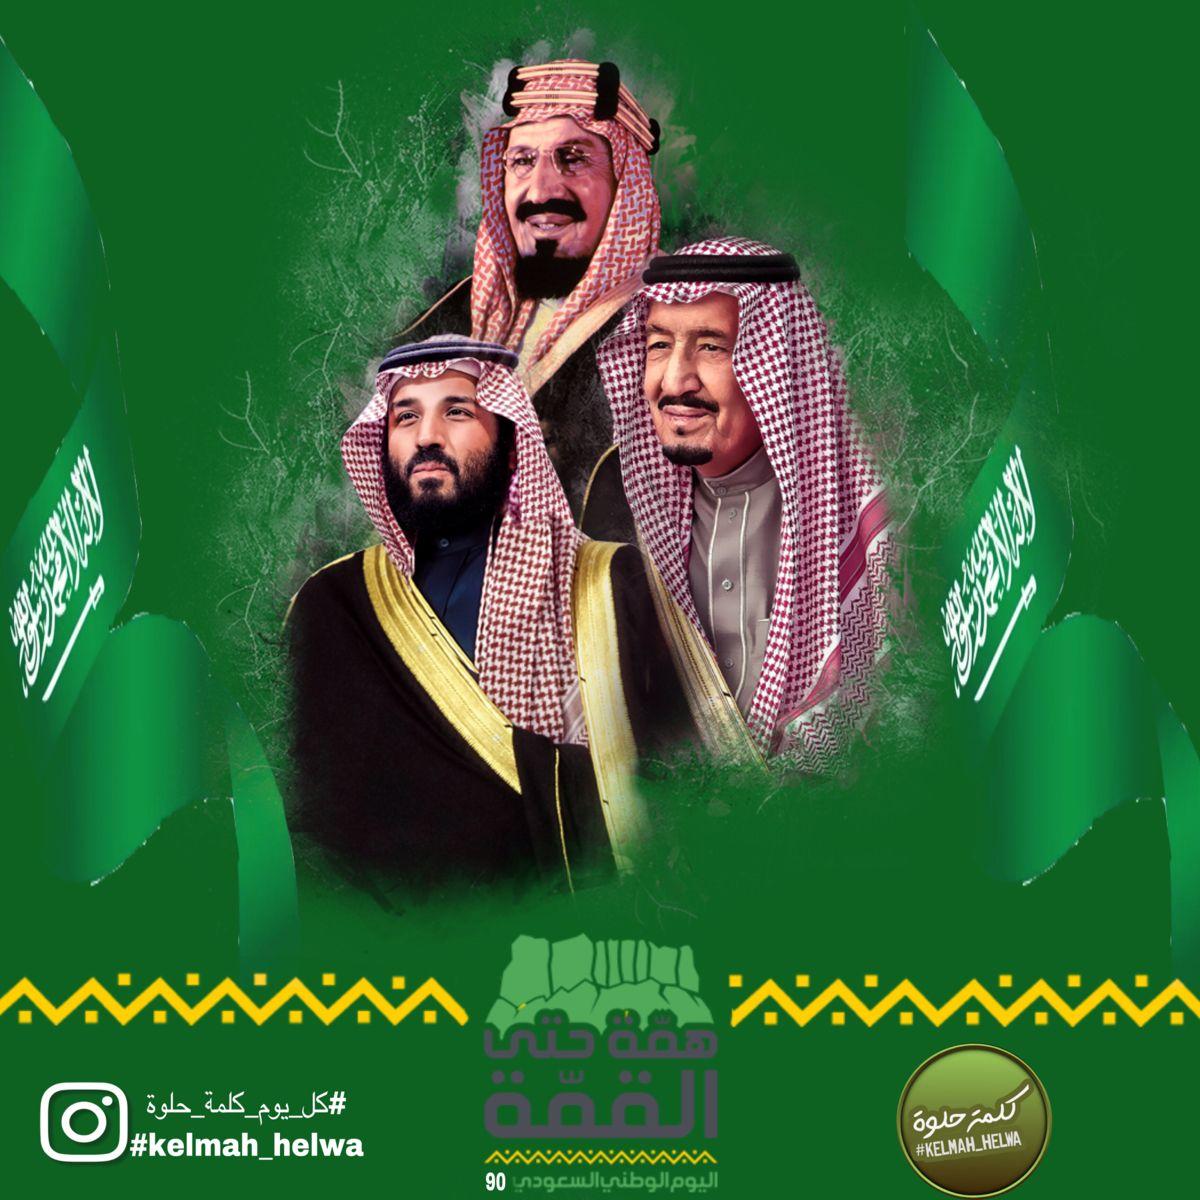 اليوم الوطني السعودي ٩٠ Instagram Photo Instagram Photo And Video